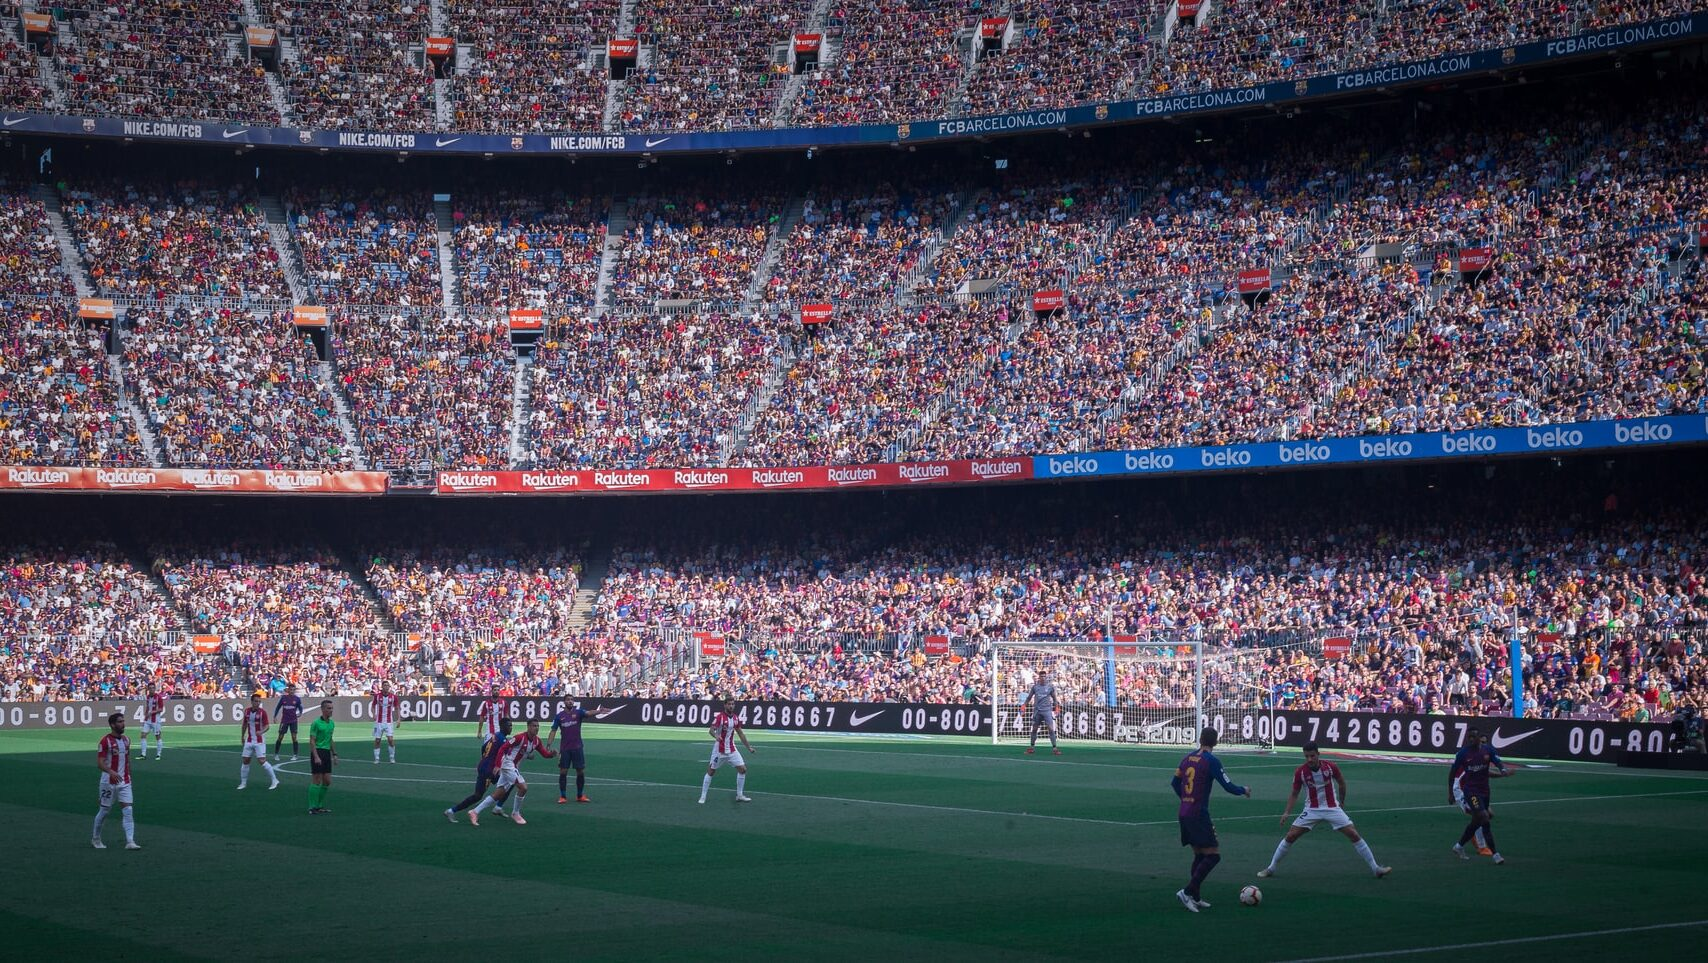 Mientras su criptomoneda y tokens para fanáticos continúan creciendo, Chiliz y Socios preparan una nueva clase de NFT para equipos de fútbol como FC Barcelona, Paris Saint-Germain y AC Milan